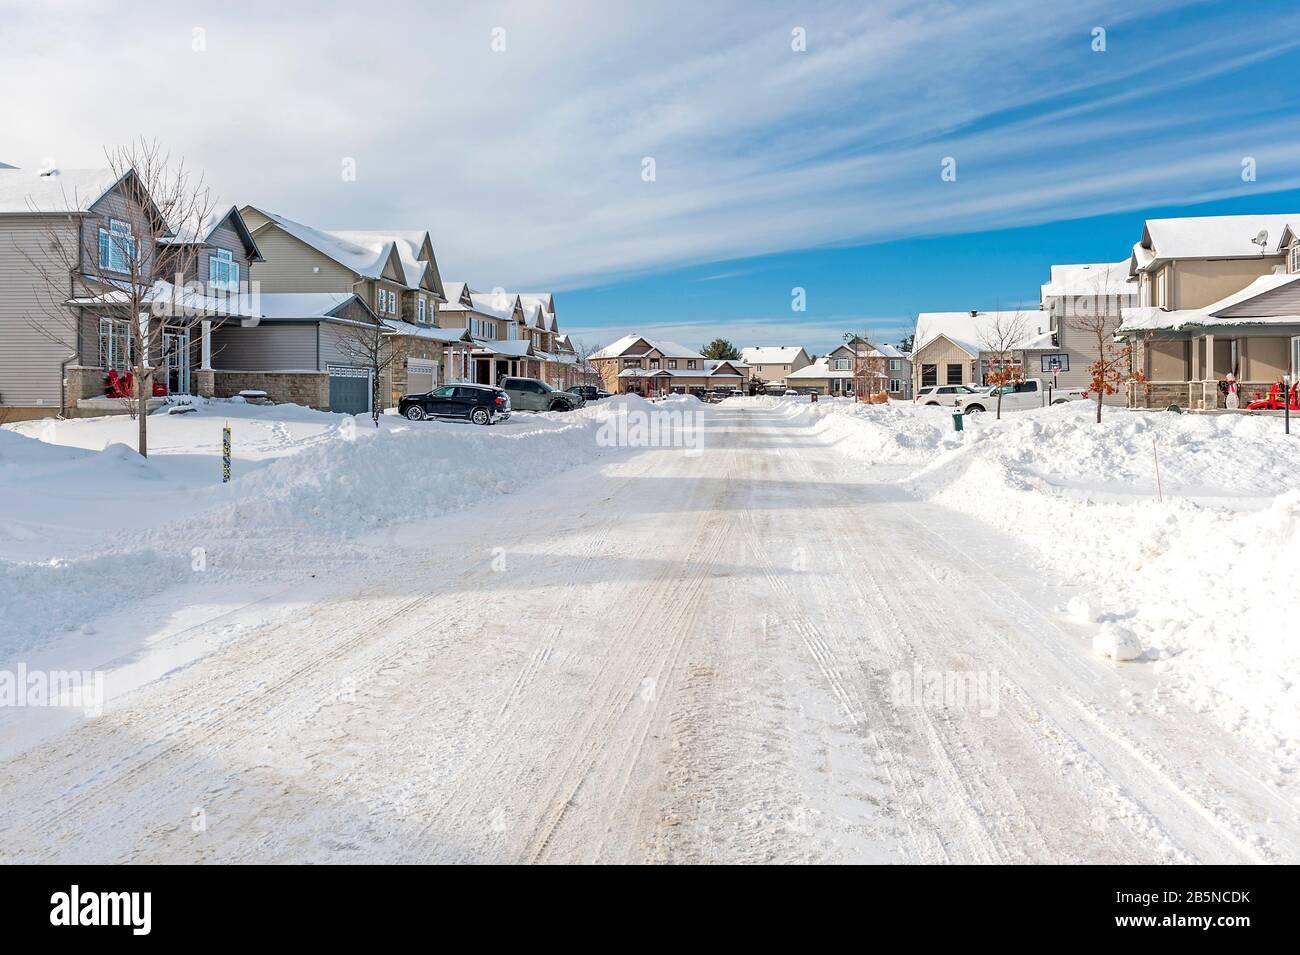 Vorstadtviertel nach dem Schneesturm Stockfoto